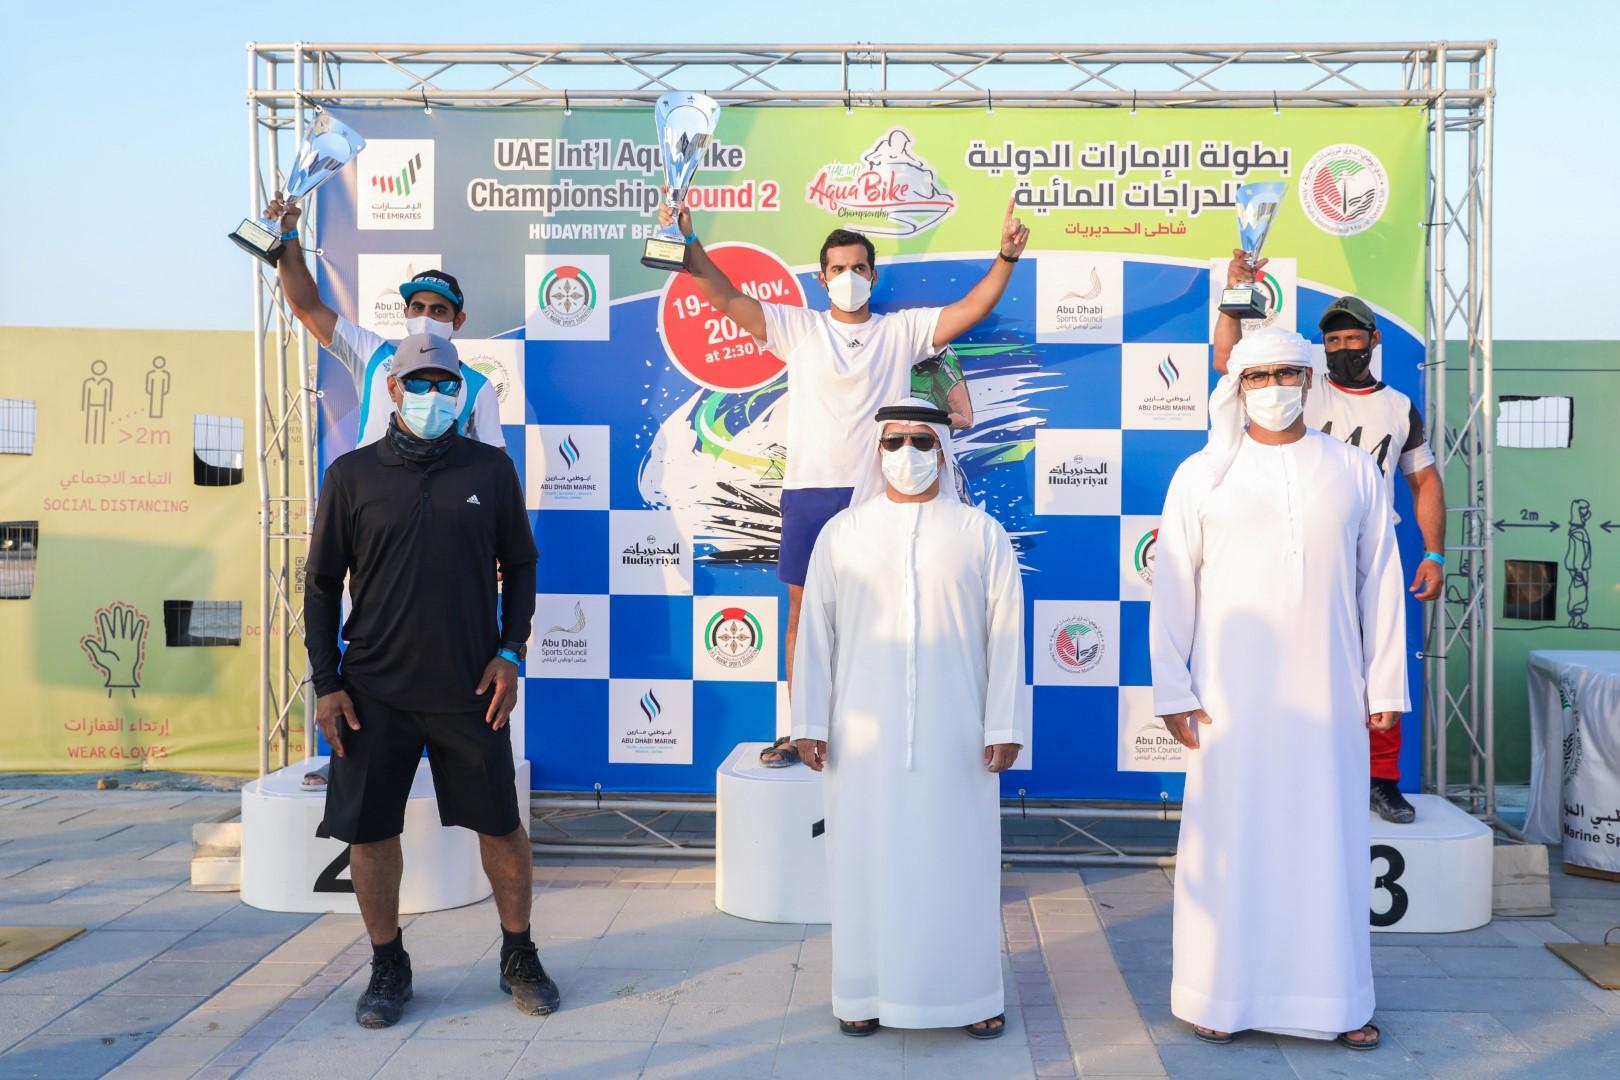 دولياك يحلق بلقب واقف محترفين والملا يفوز في الاستعراض ببطولة الدراجات المائية